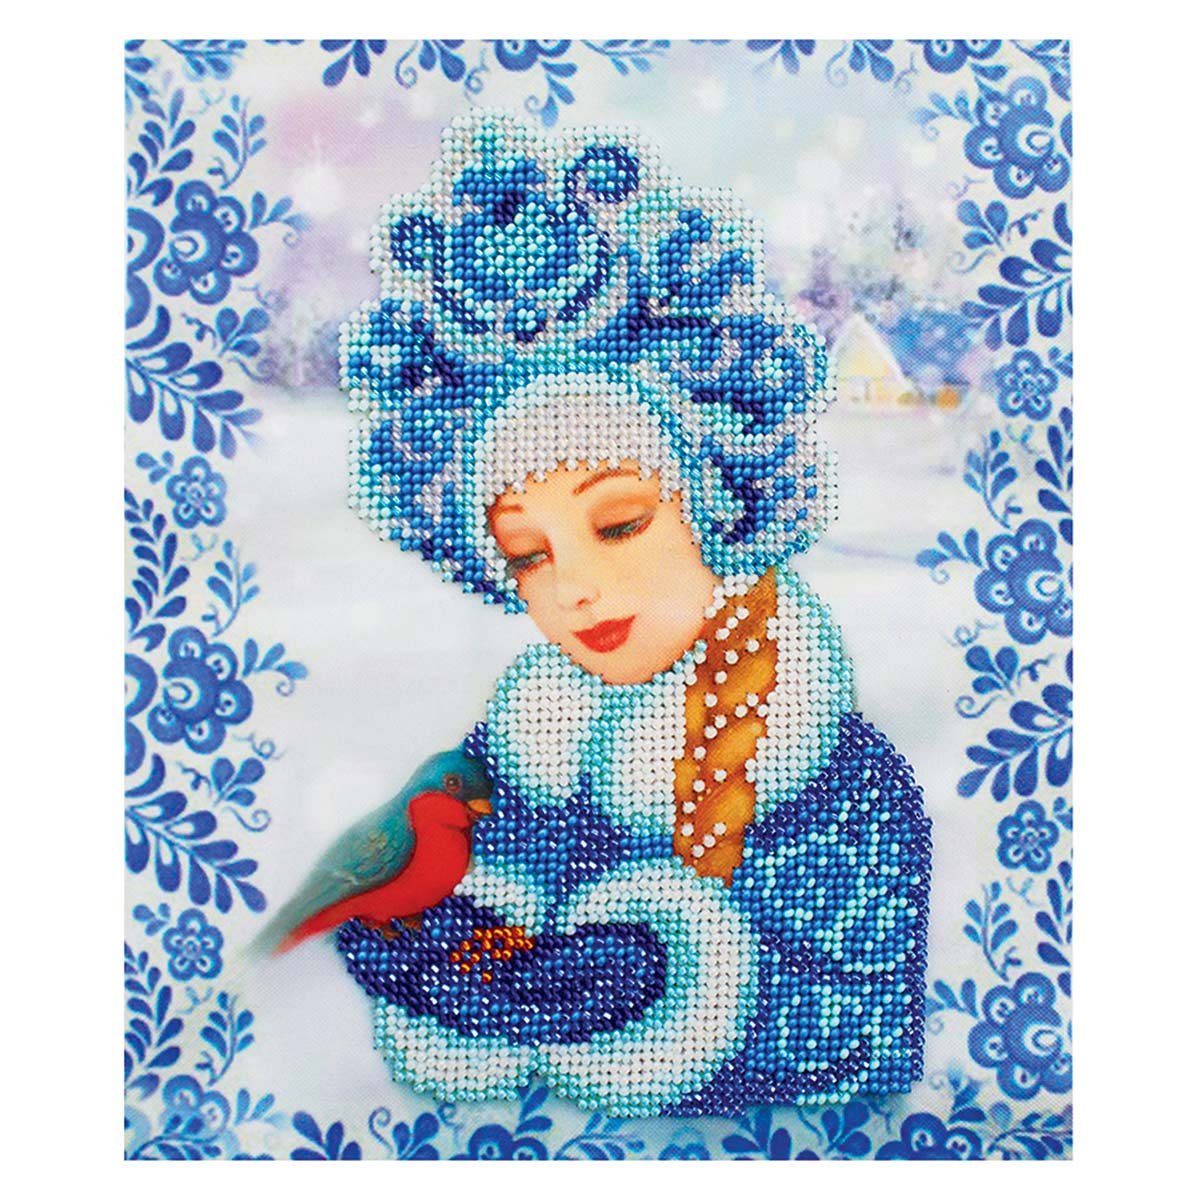 Б-0114 Набор для вышивания бисером 'Бисеринка' 'Снегурочка', 18,5*22 см